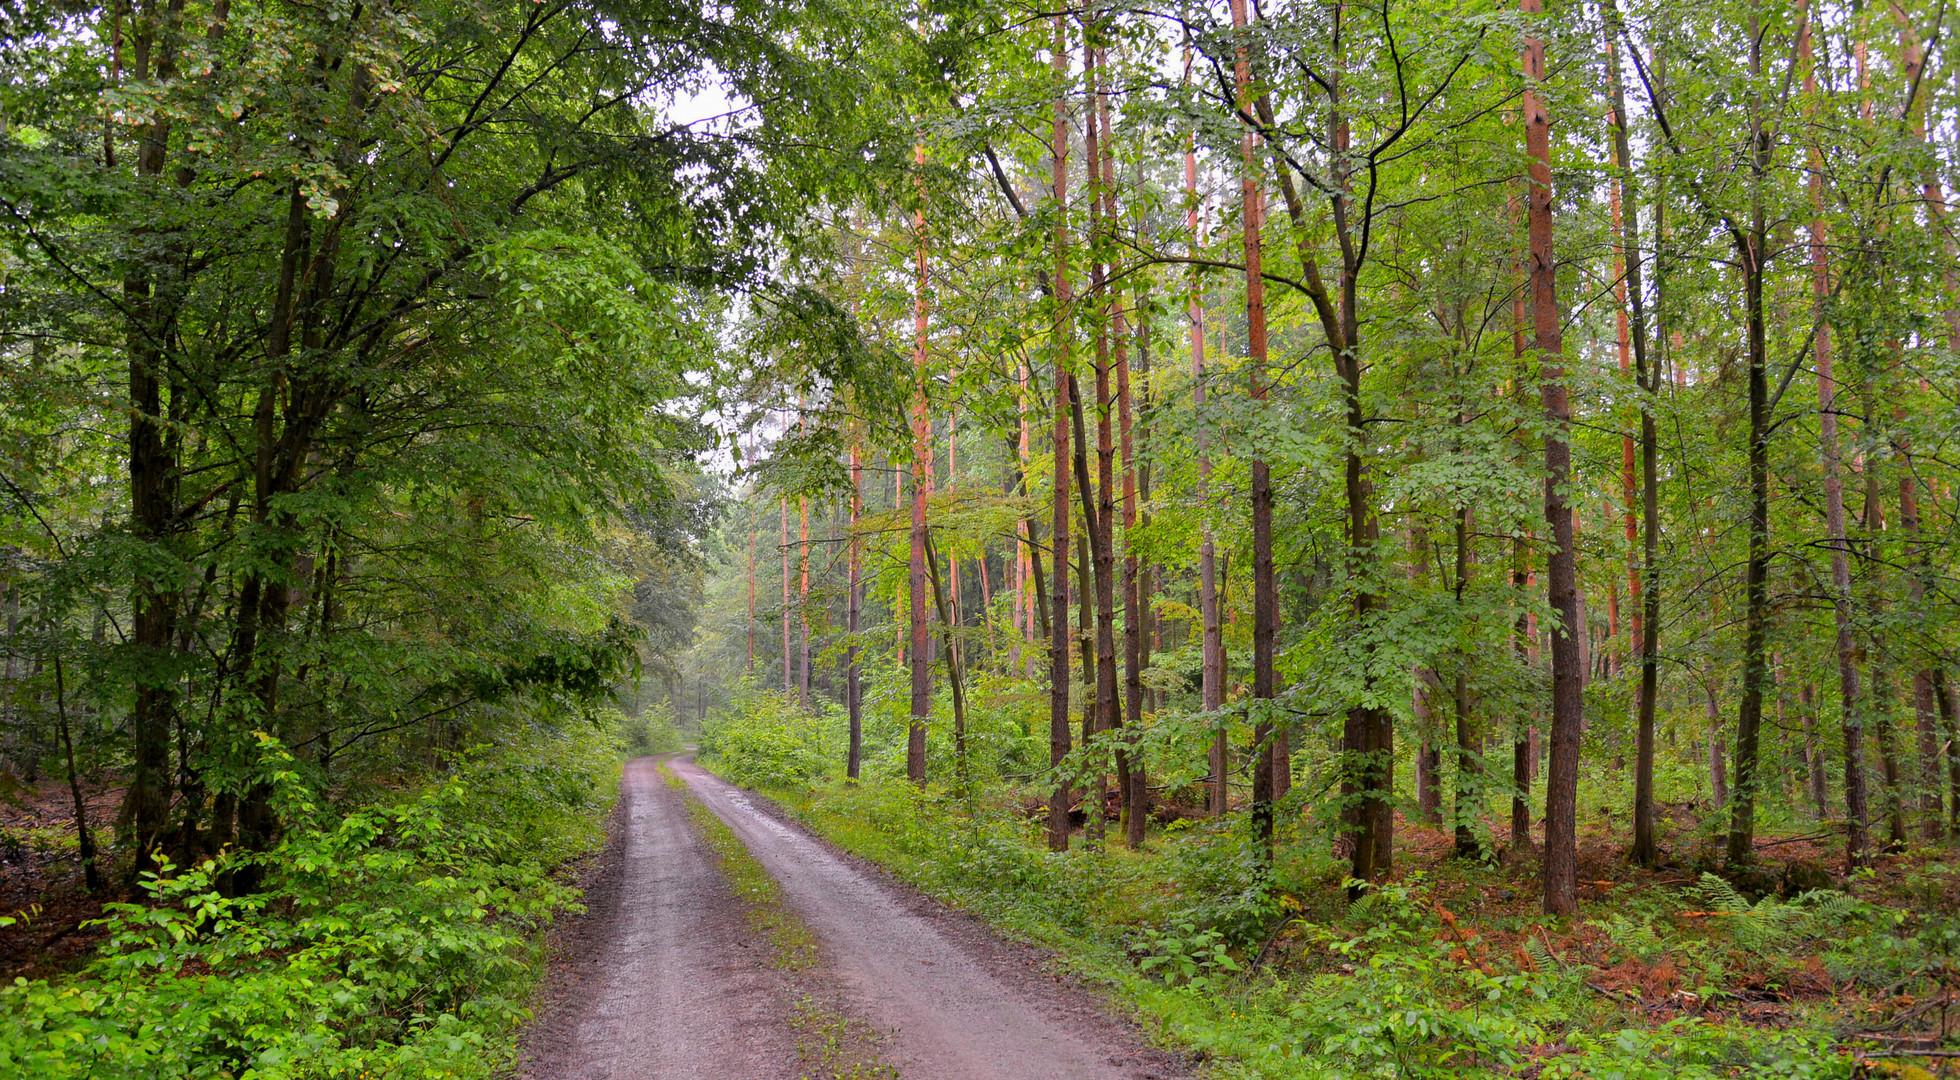 Regen im Wald V (lluvia en el bosque V)